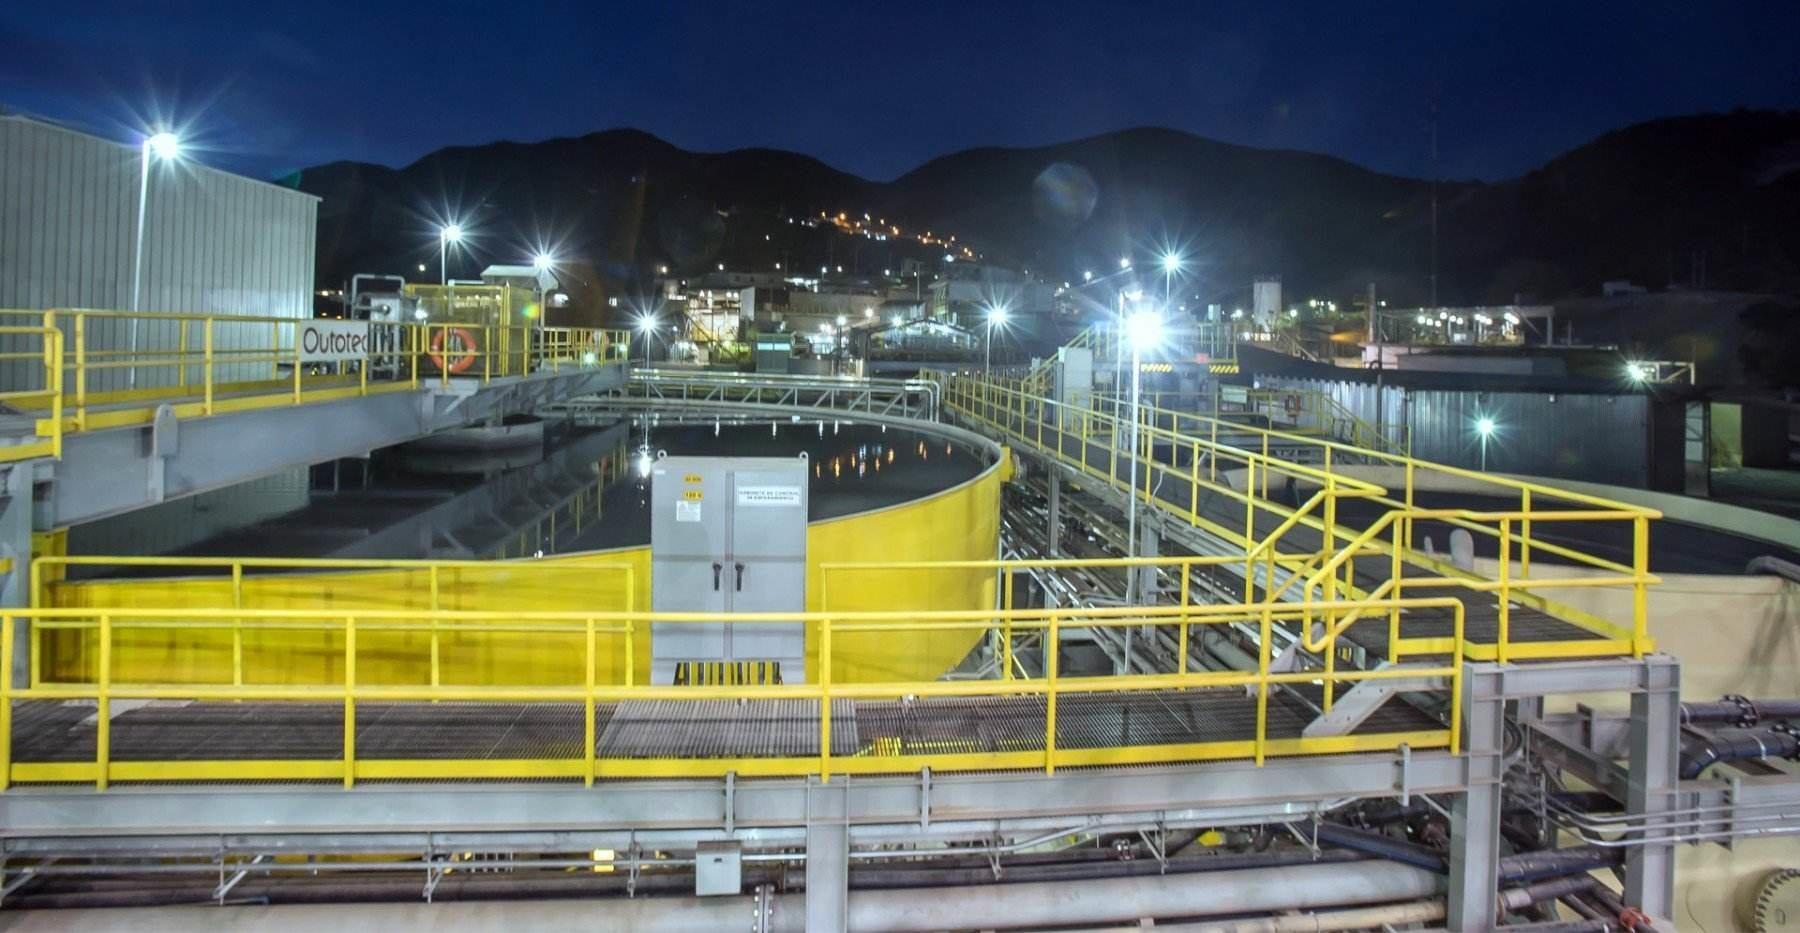 Reducción de personal por covid-19 incide en producción de mineras